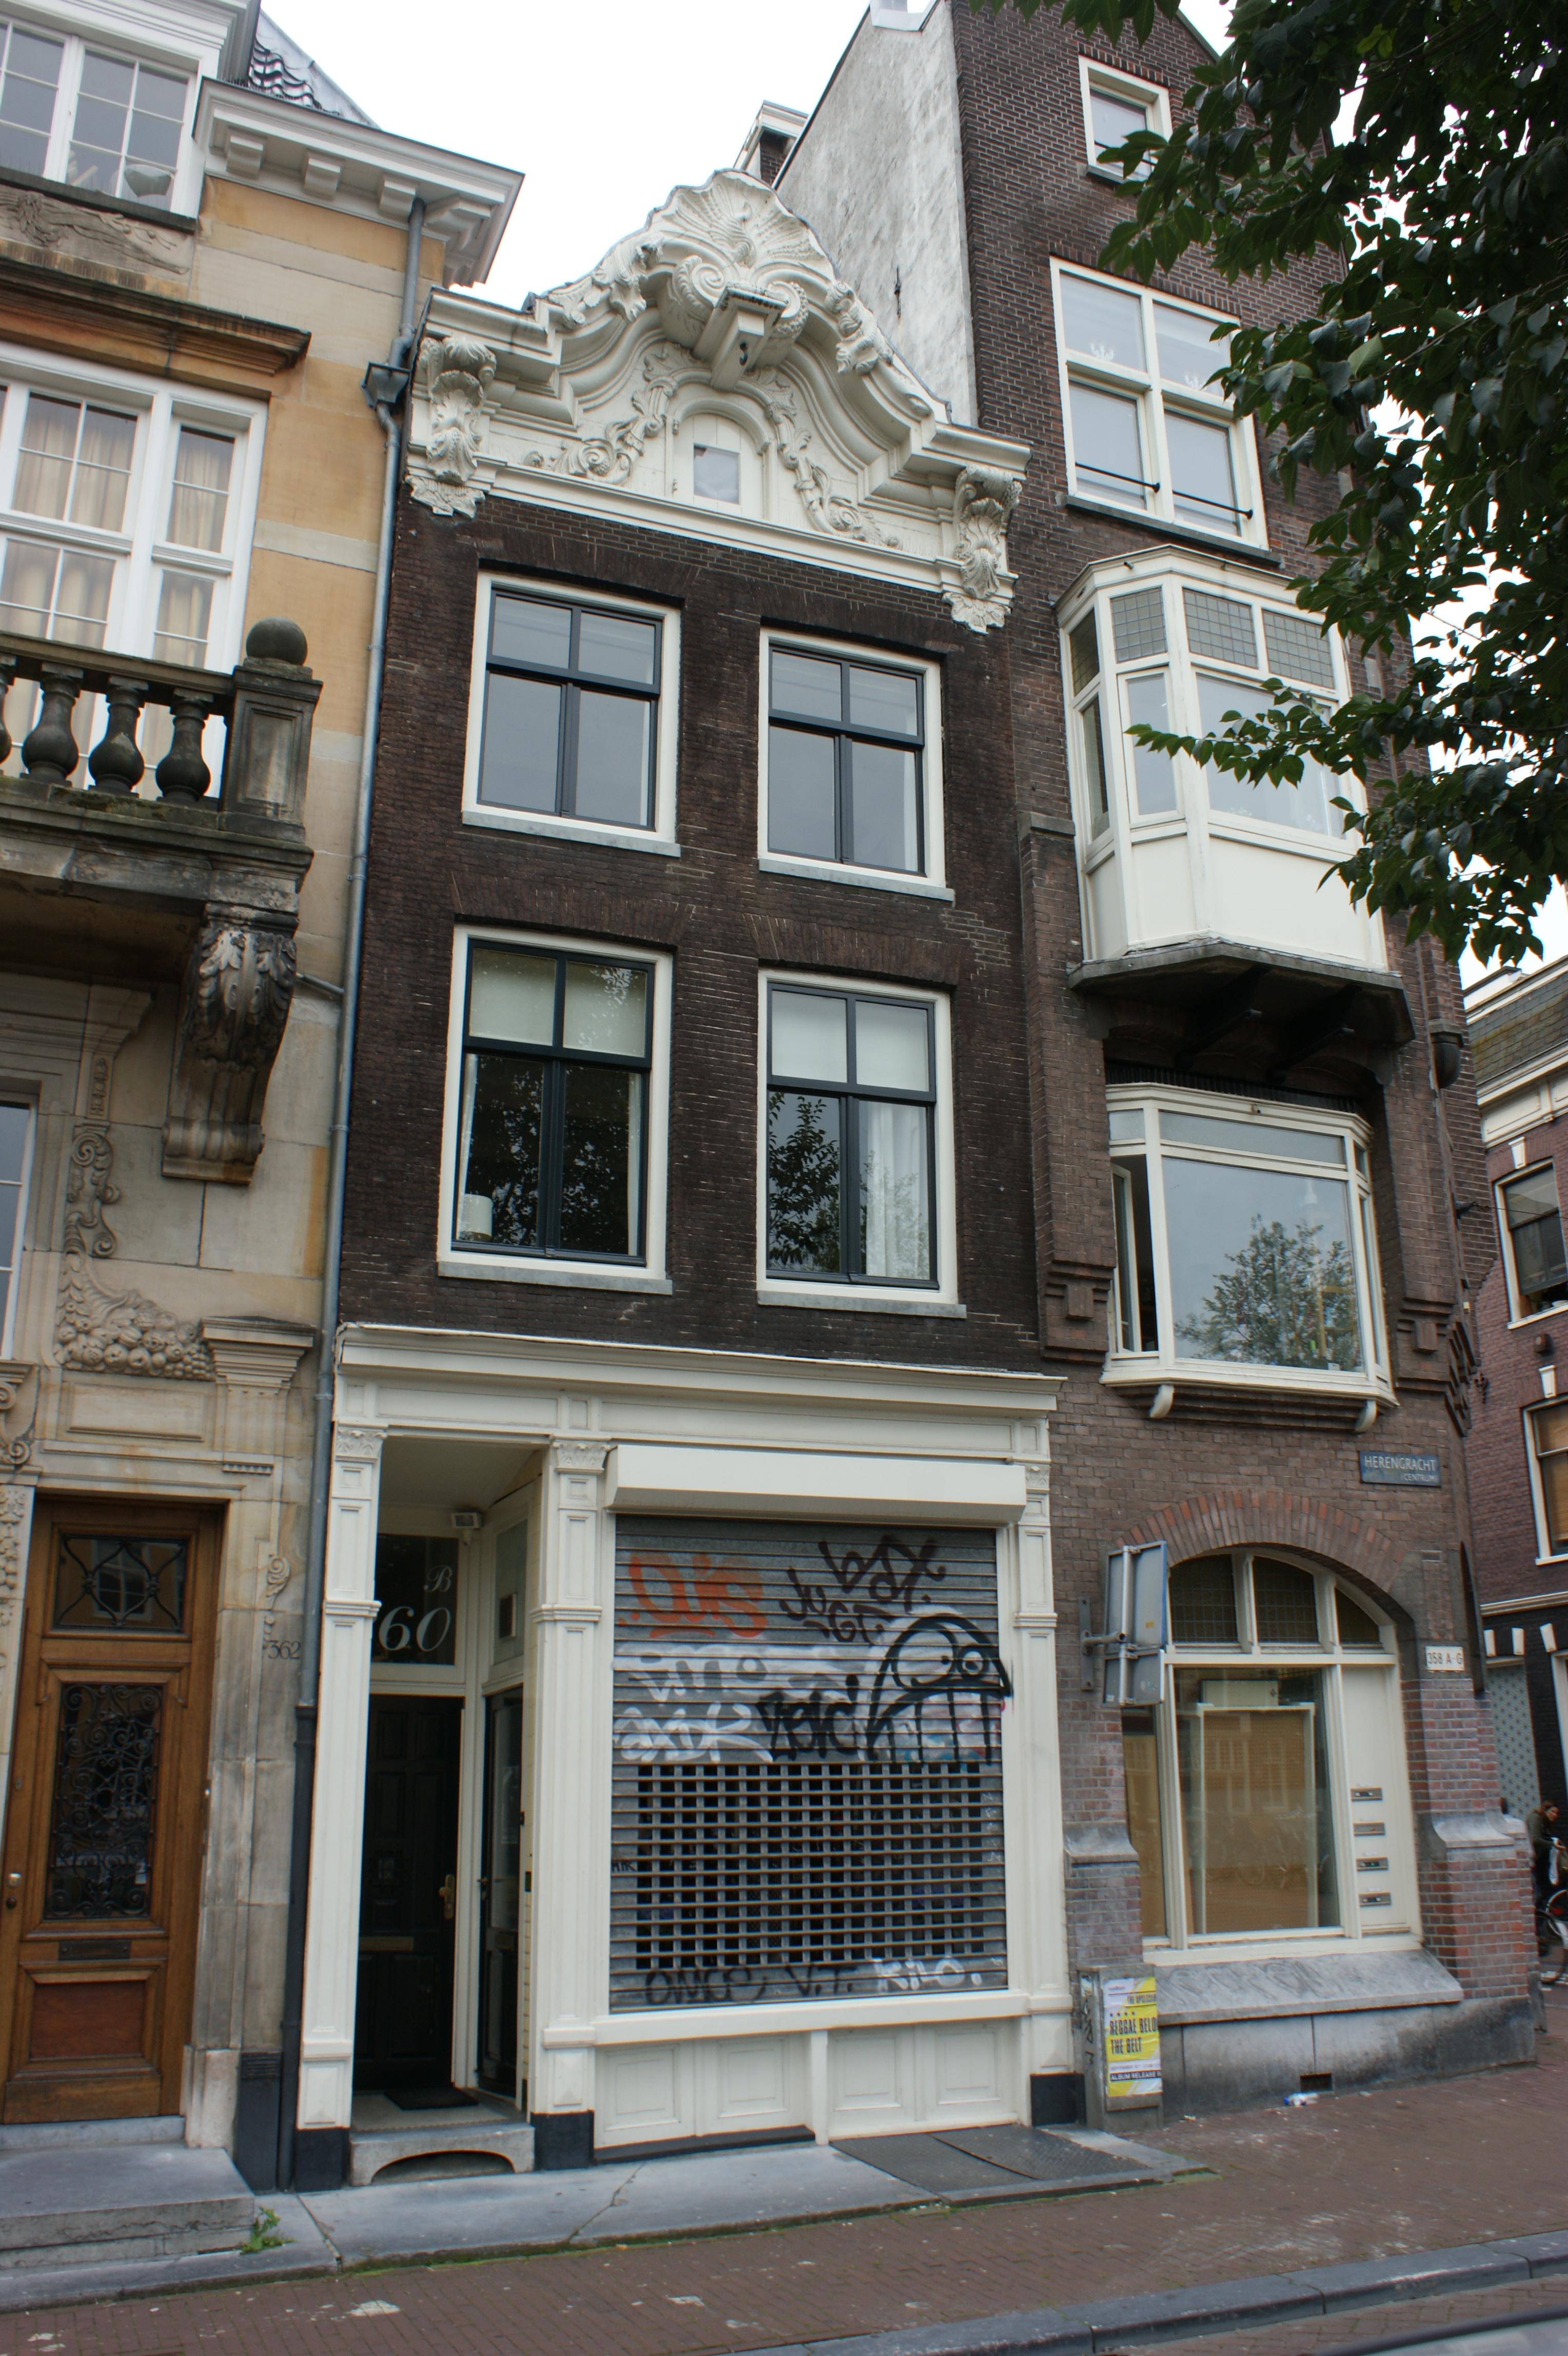 Huis met gevel onder rijk gesneden topvormig verhoogde lijst in amsterdam monument - Huis gevel ...